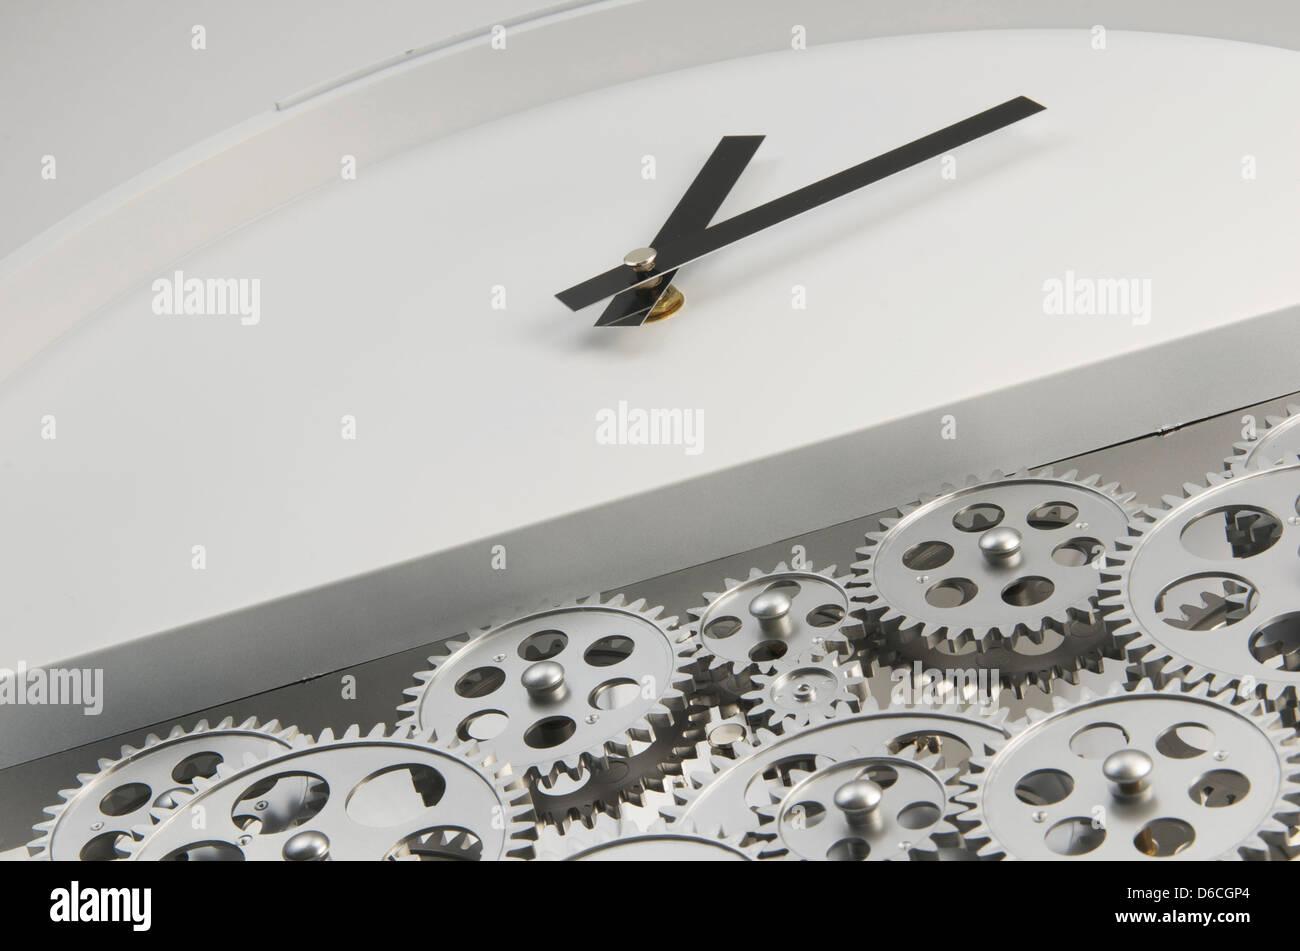 Disparo inclinado de un reloj de cara blanca con manos negras y engranajes mostrando en su mitad inferior. Imagen De Stock